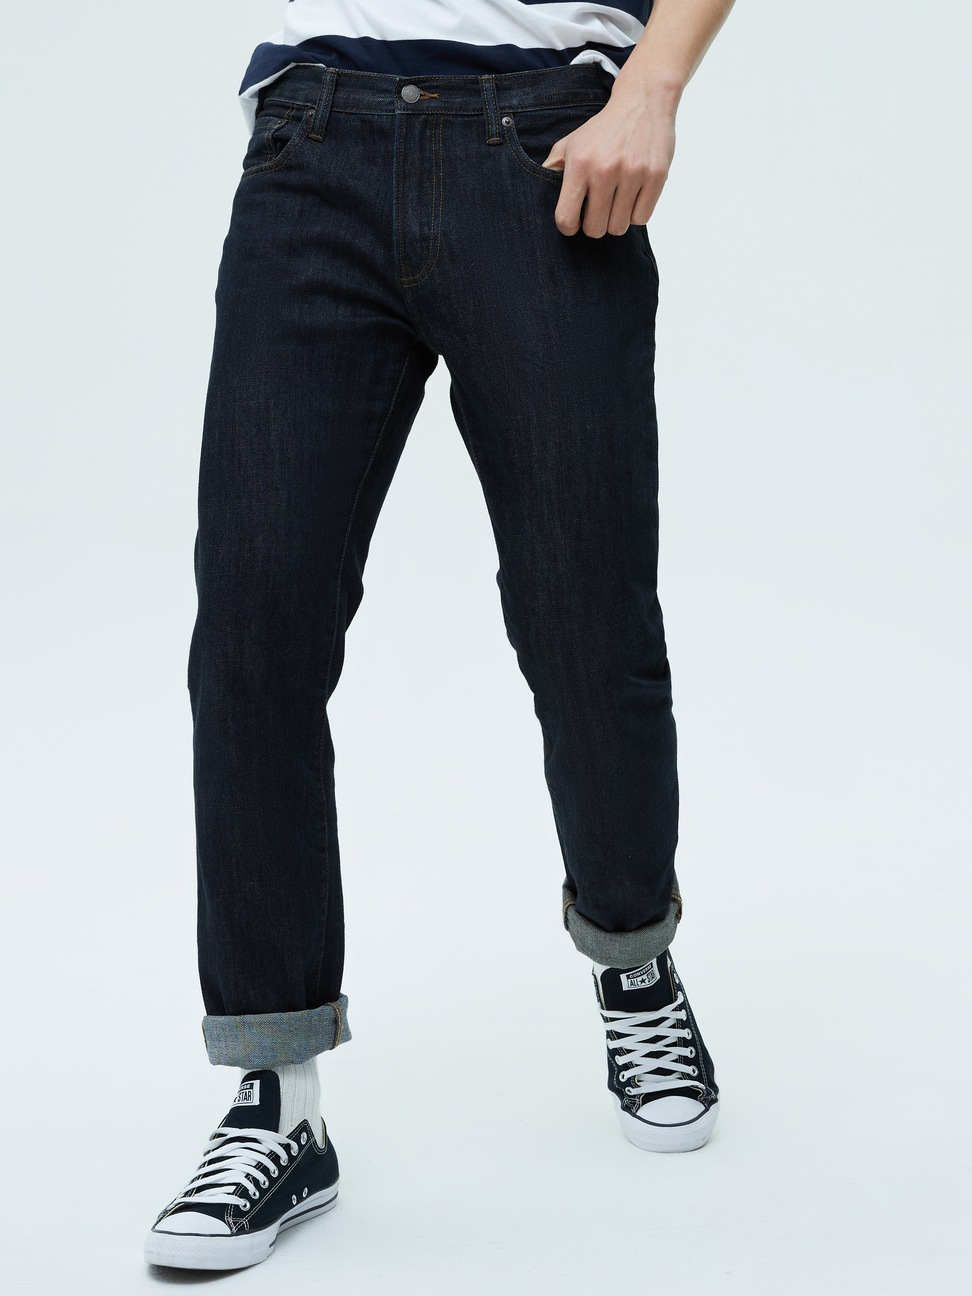 男裝 基本款時尚舒適純棉直筒牛仔褲